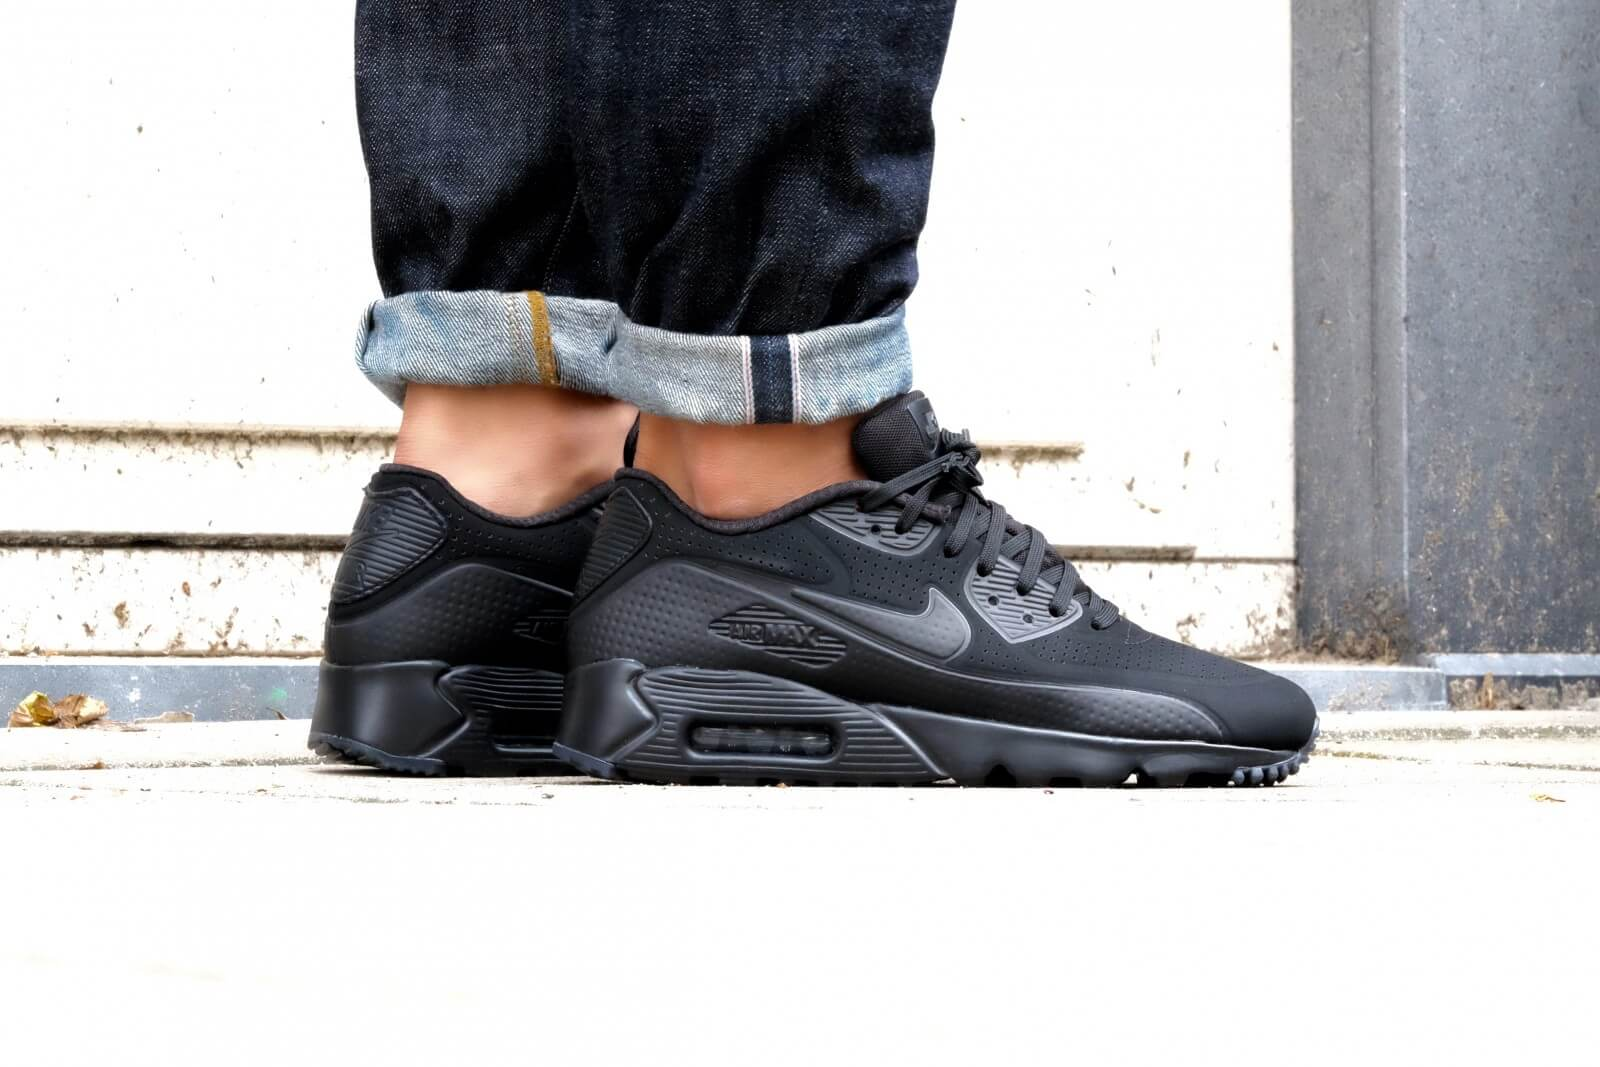 Nike Air Max 90 Ultra Moire Black Black 819477 010